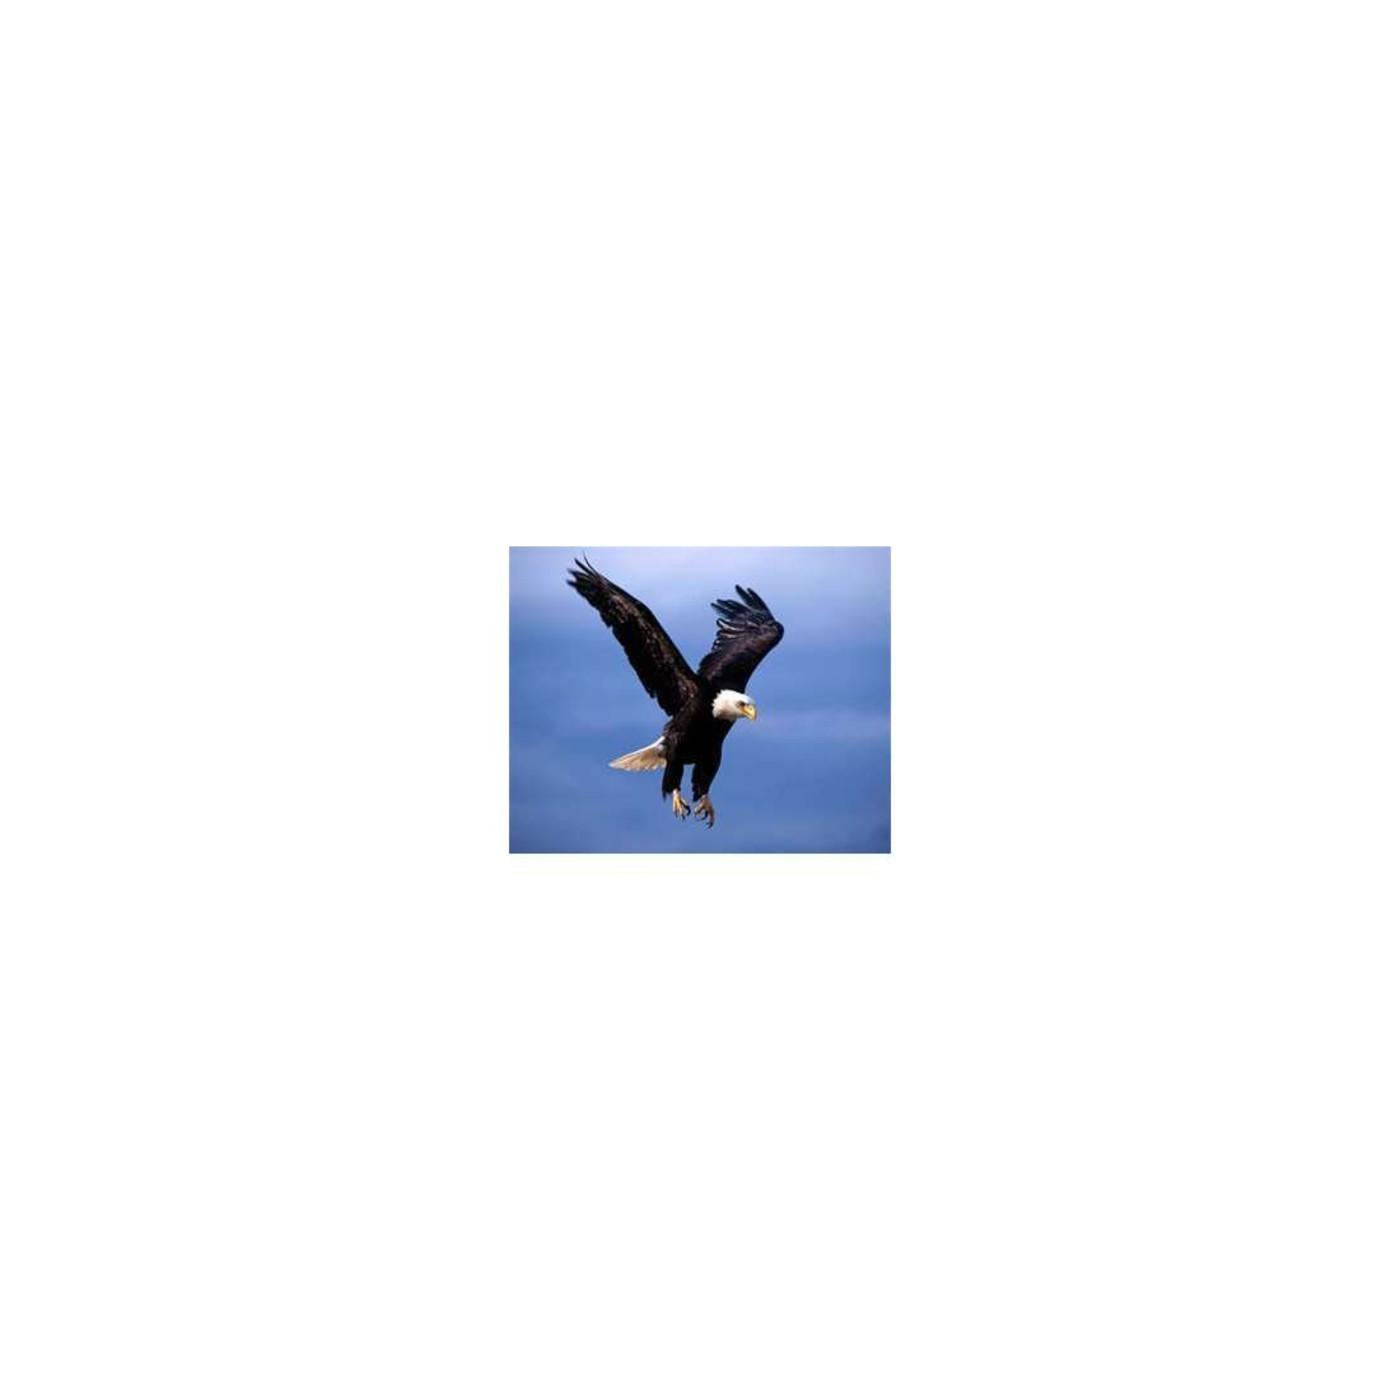 Aguila o Gallina Equipovision